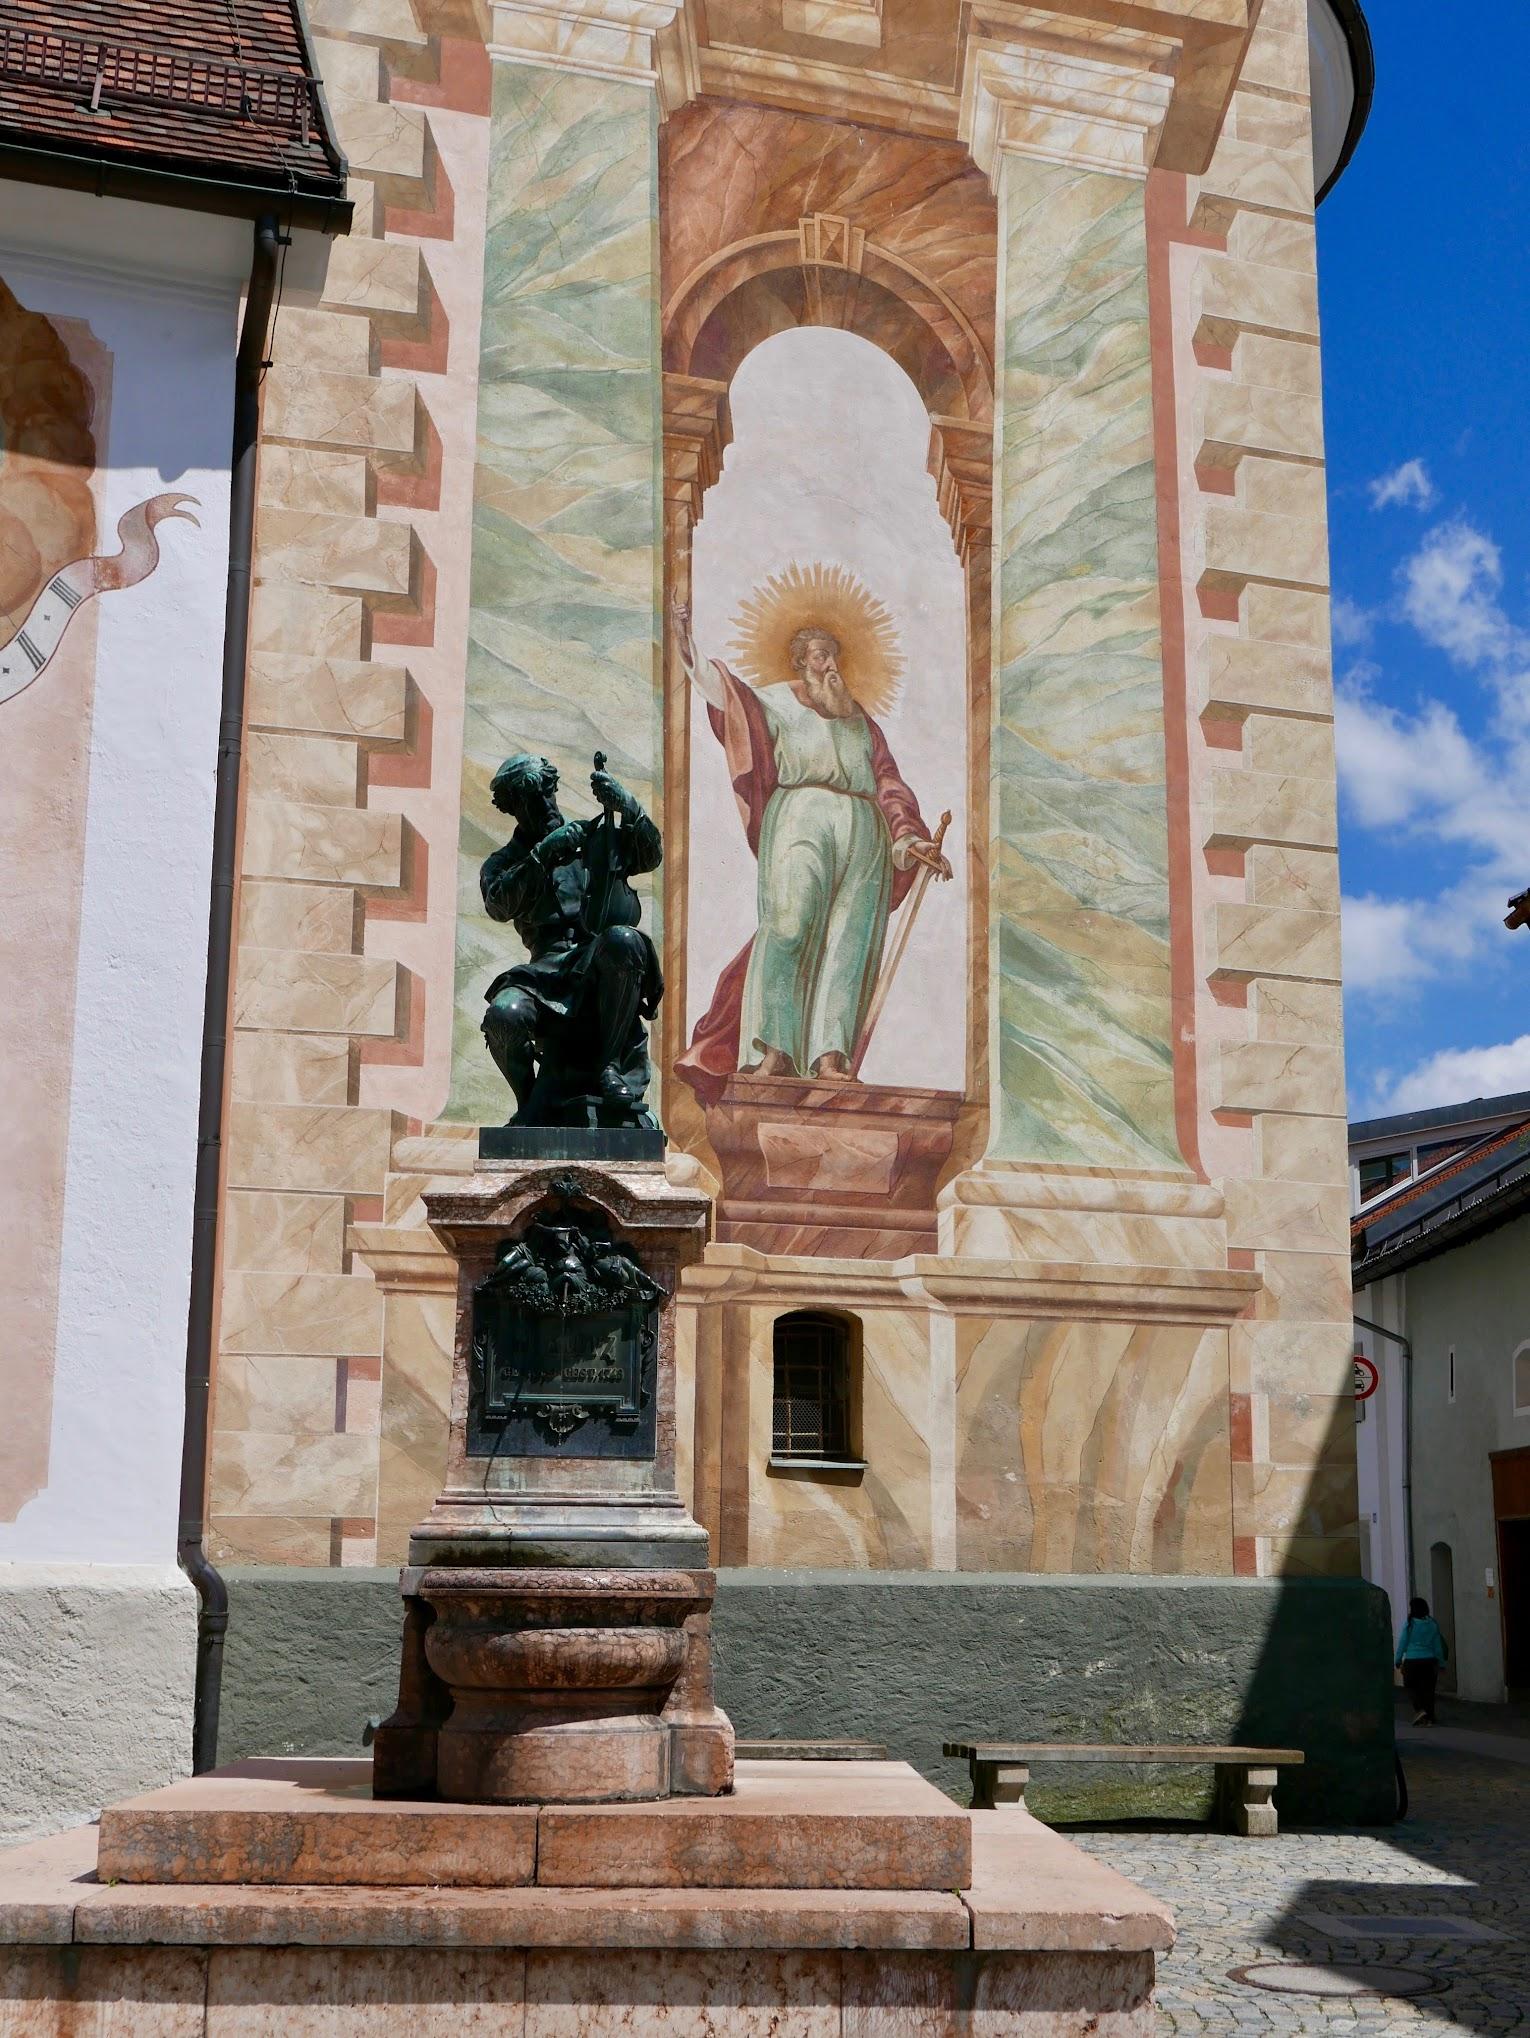 Pfarrei St. Peter und Paul, Mittenwald, Germany